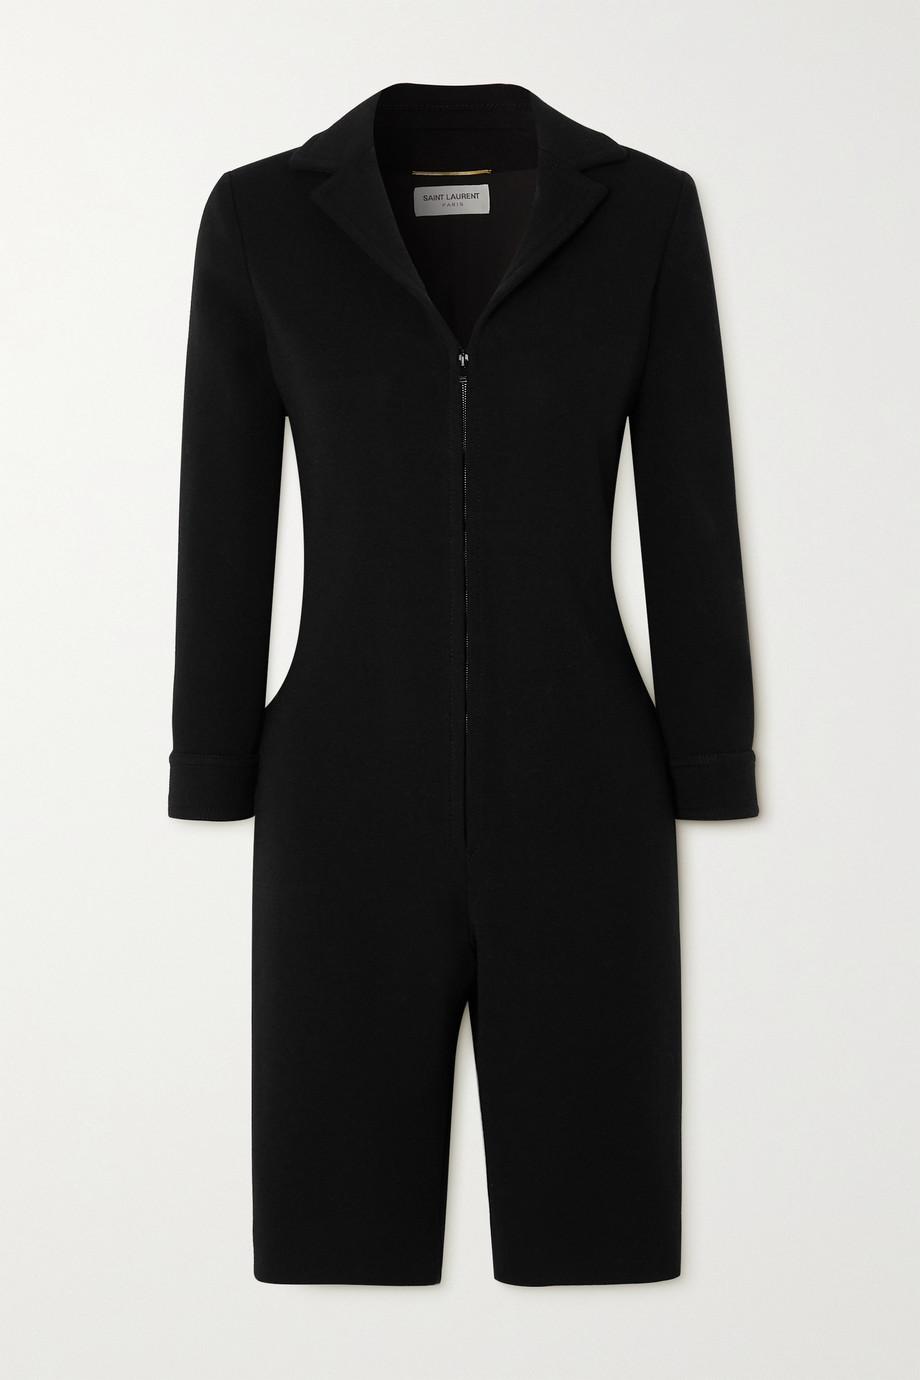 SAINT LAURENT Combi-short en jersey de laine mélangée